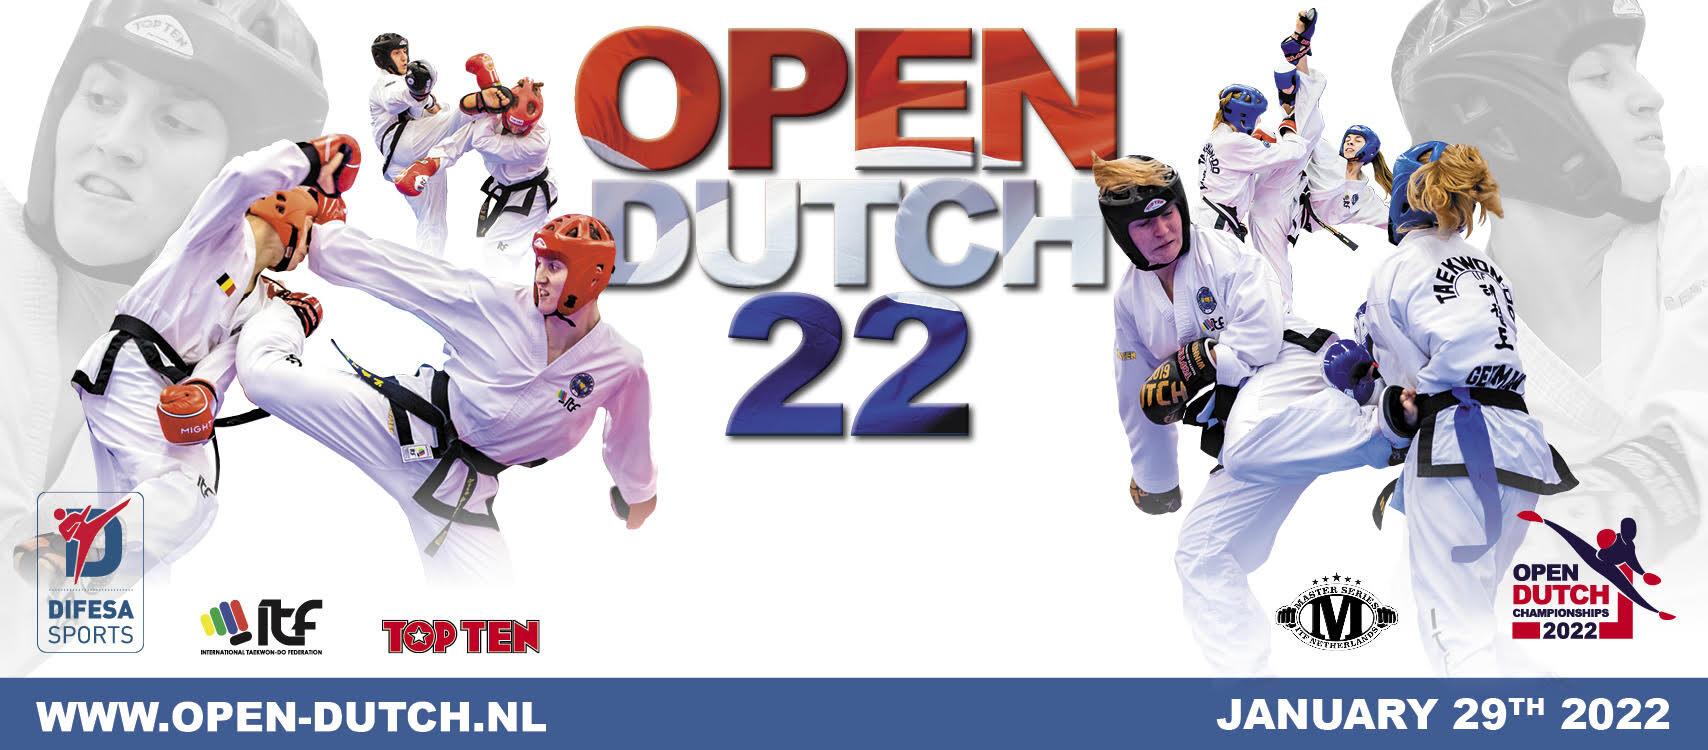 Open-Dutch